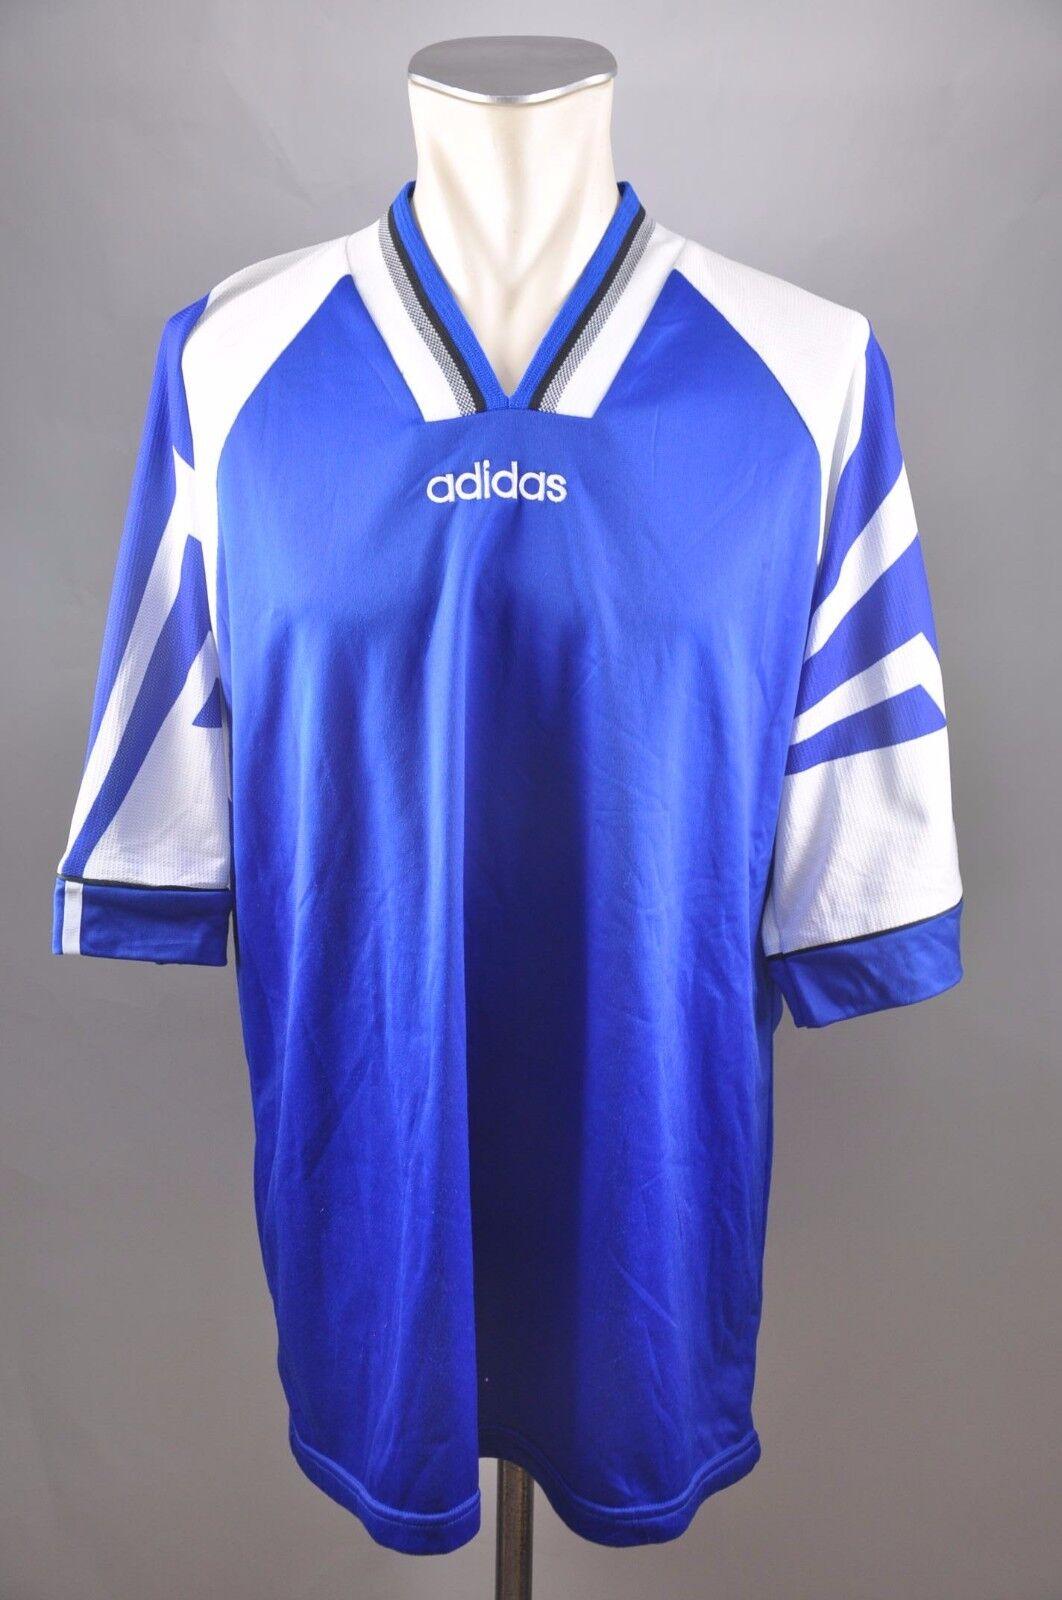 90er adidas Vintage Vintage Vintage Trikot Shirt Gr XL oldschool 90s Blau Rohling jersey 8934e0